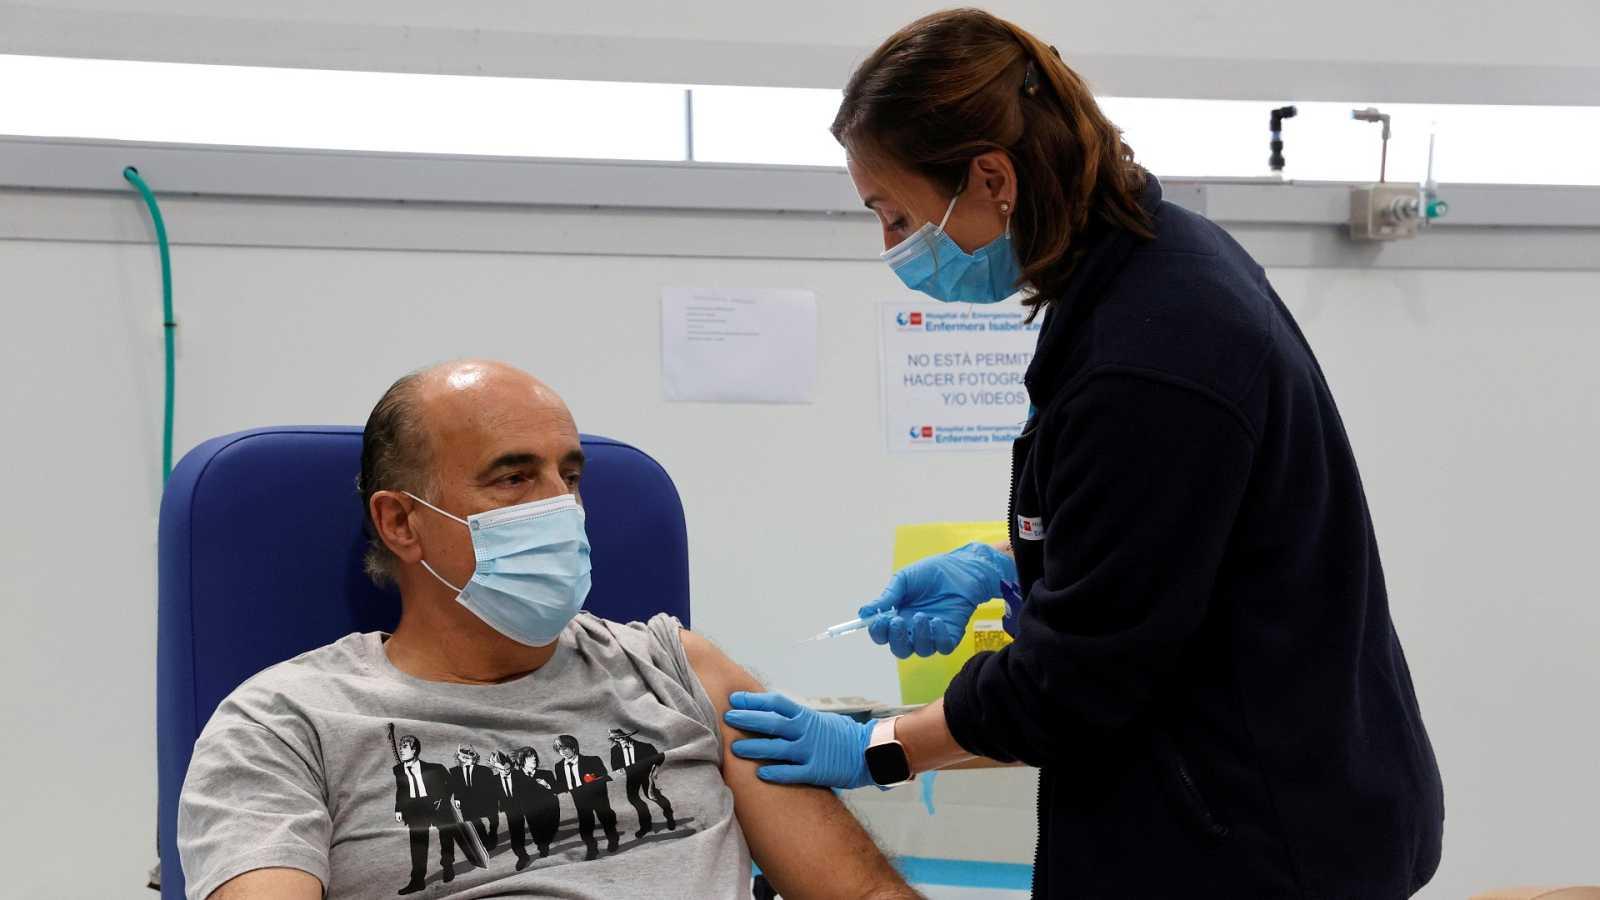 Sanidad establece la vacunación con AstraZeneca para mayores de 60 años